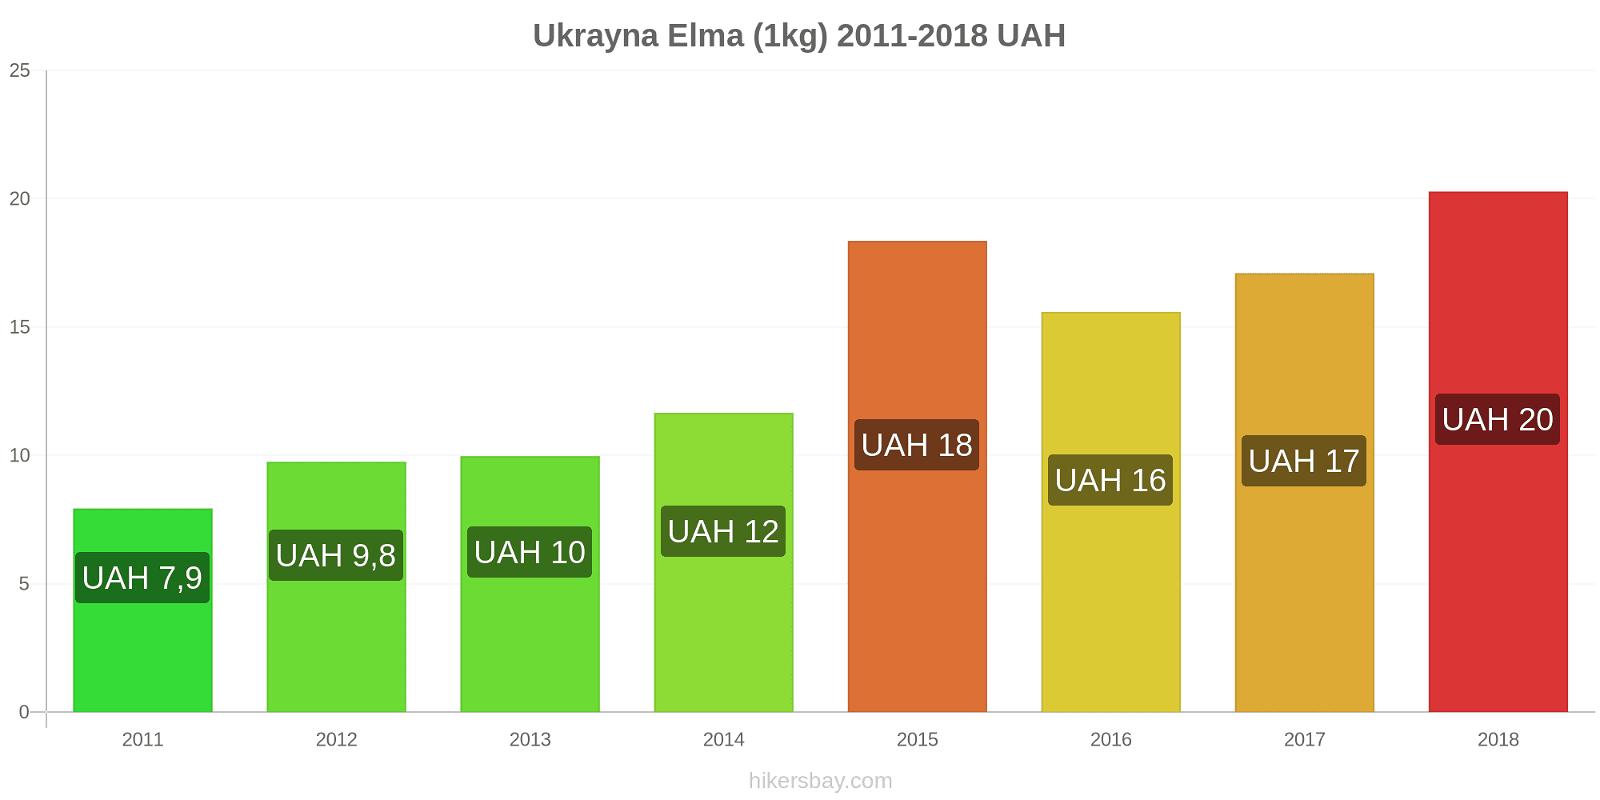 Ukrayna fiyat değişiklikleri Elma (1kg) hikersbay.com